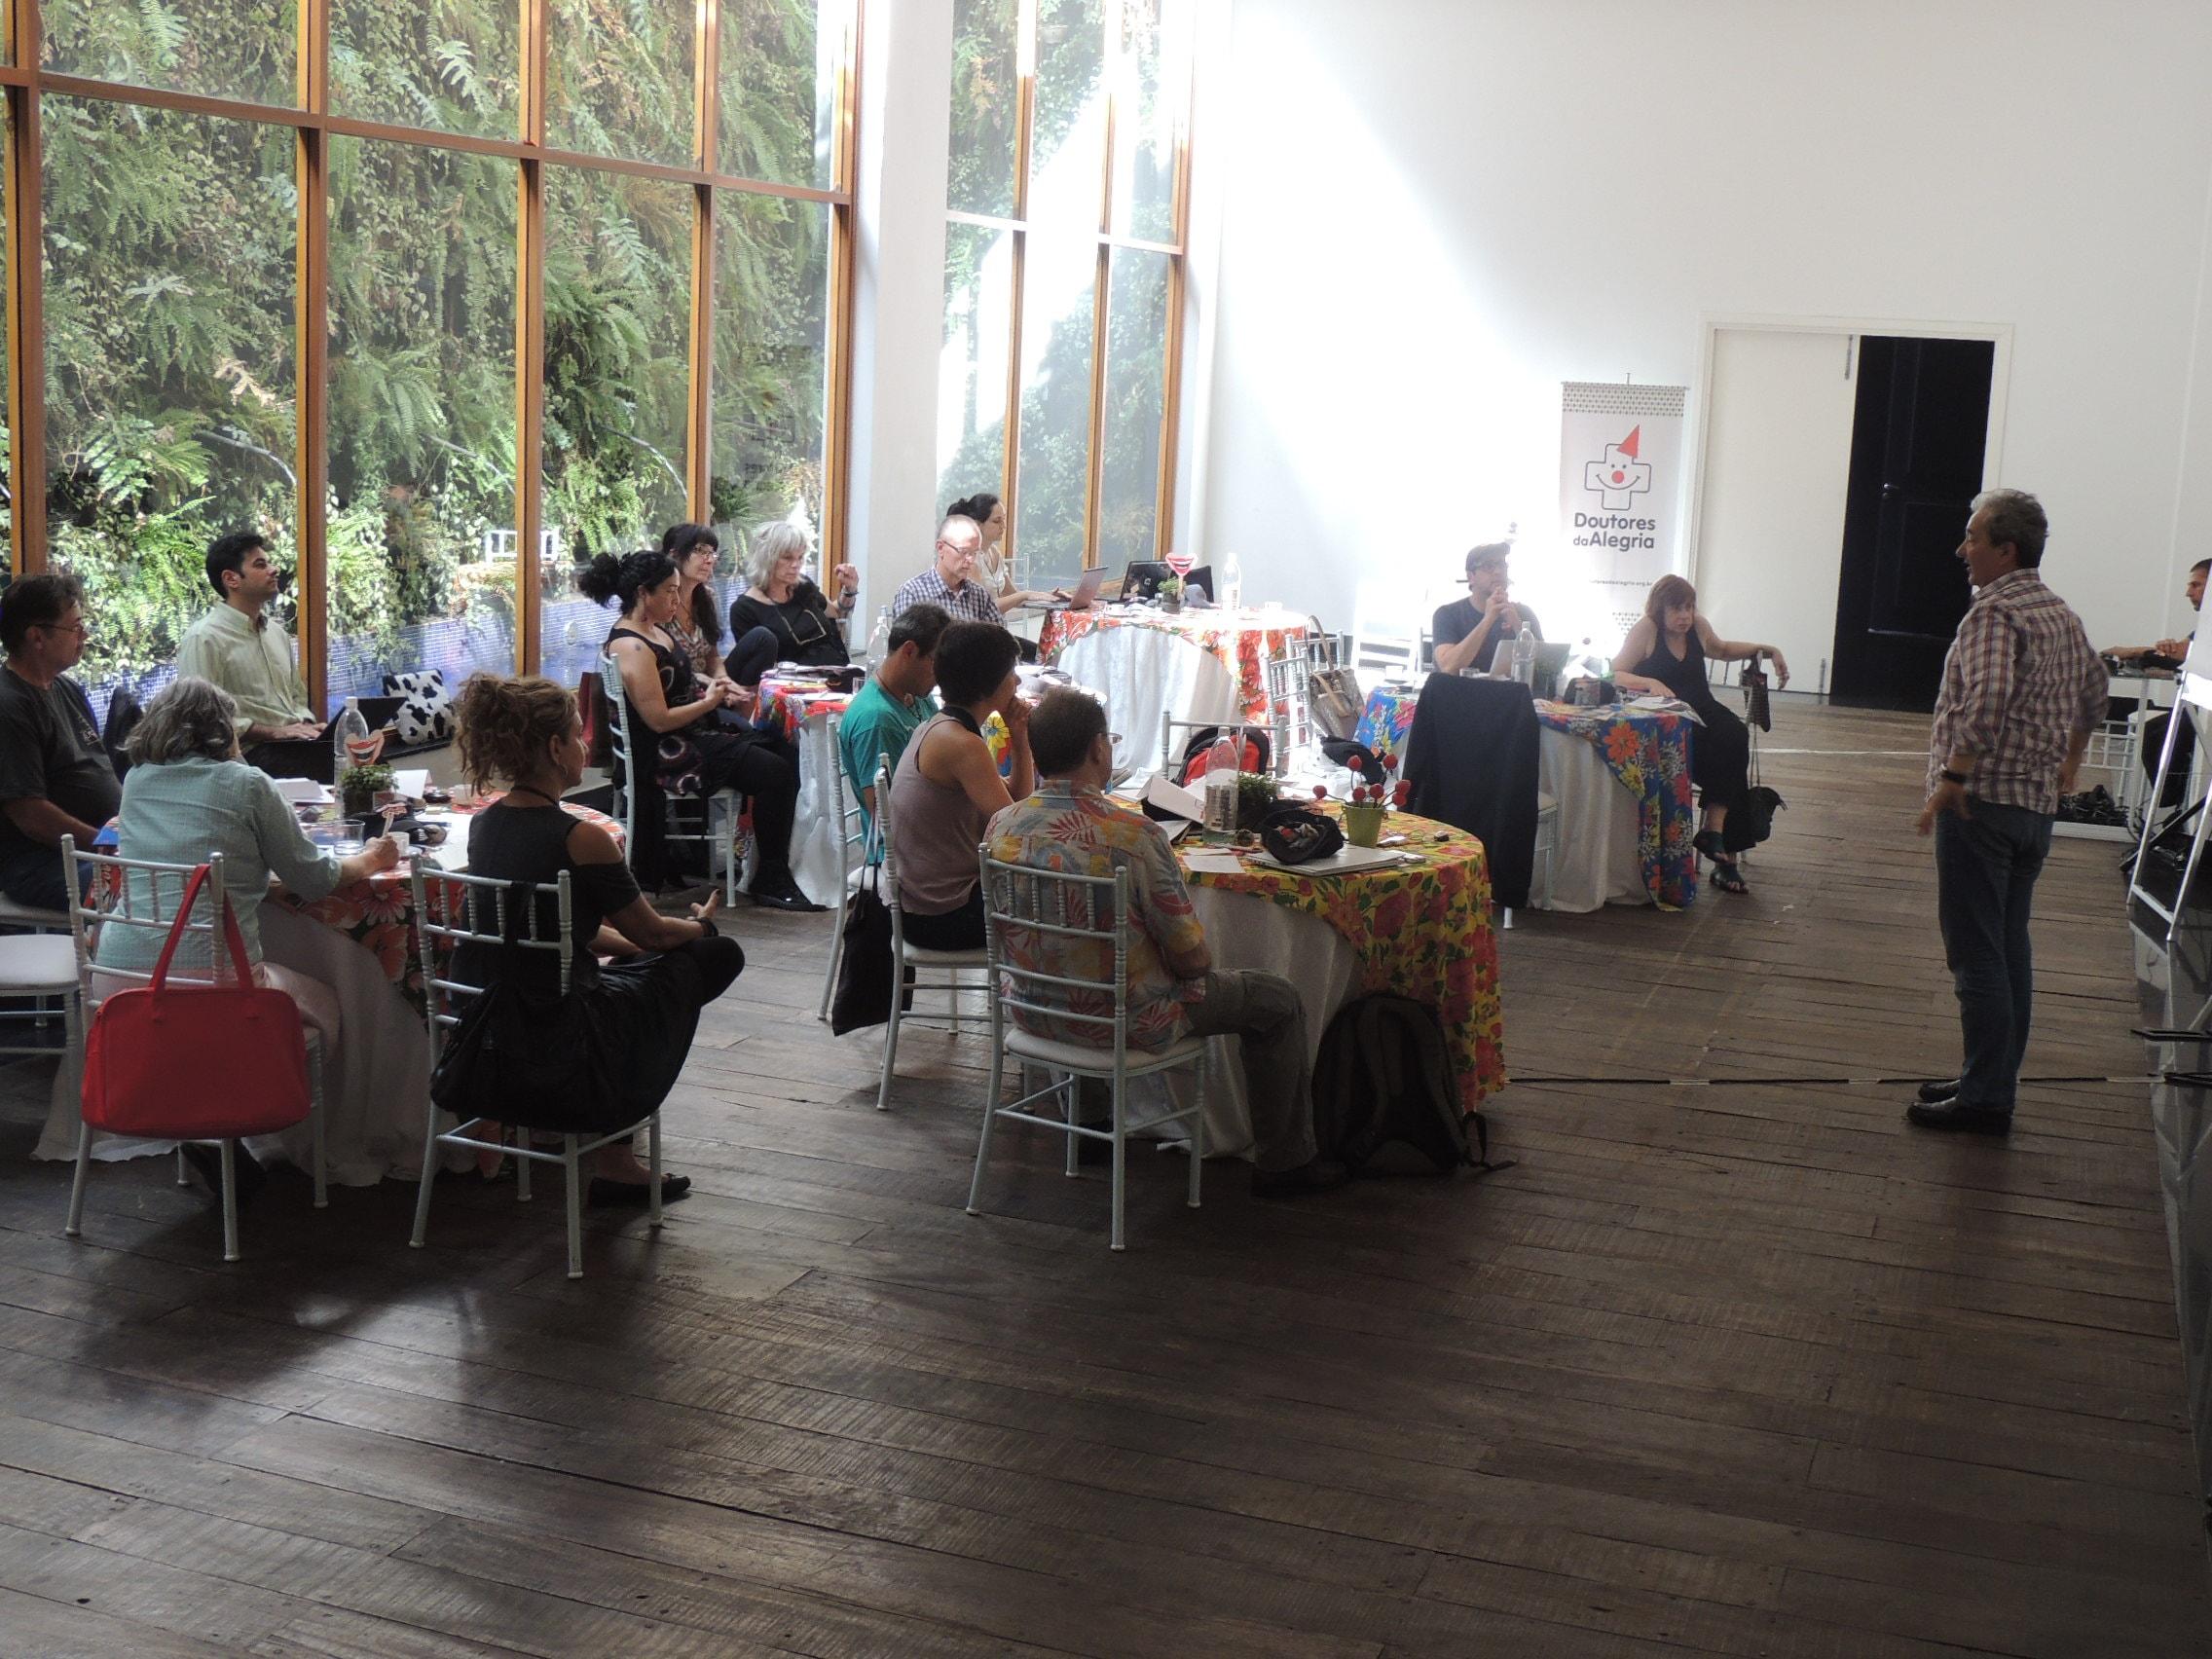 Doutores da Alegria recebe lideranças internacionais para encontro em SP